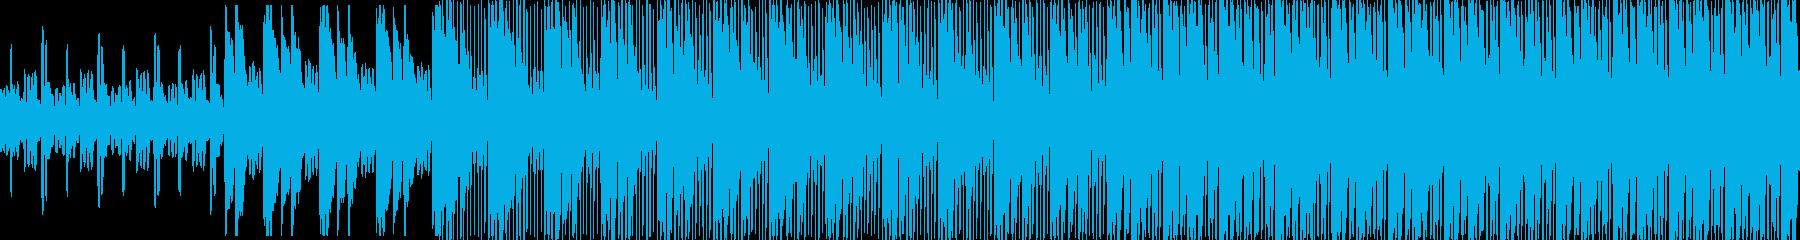 1分が長く感じられるような繰り返しが続…の再生済みの波形